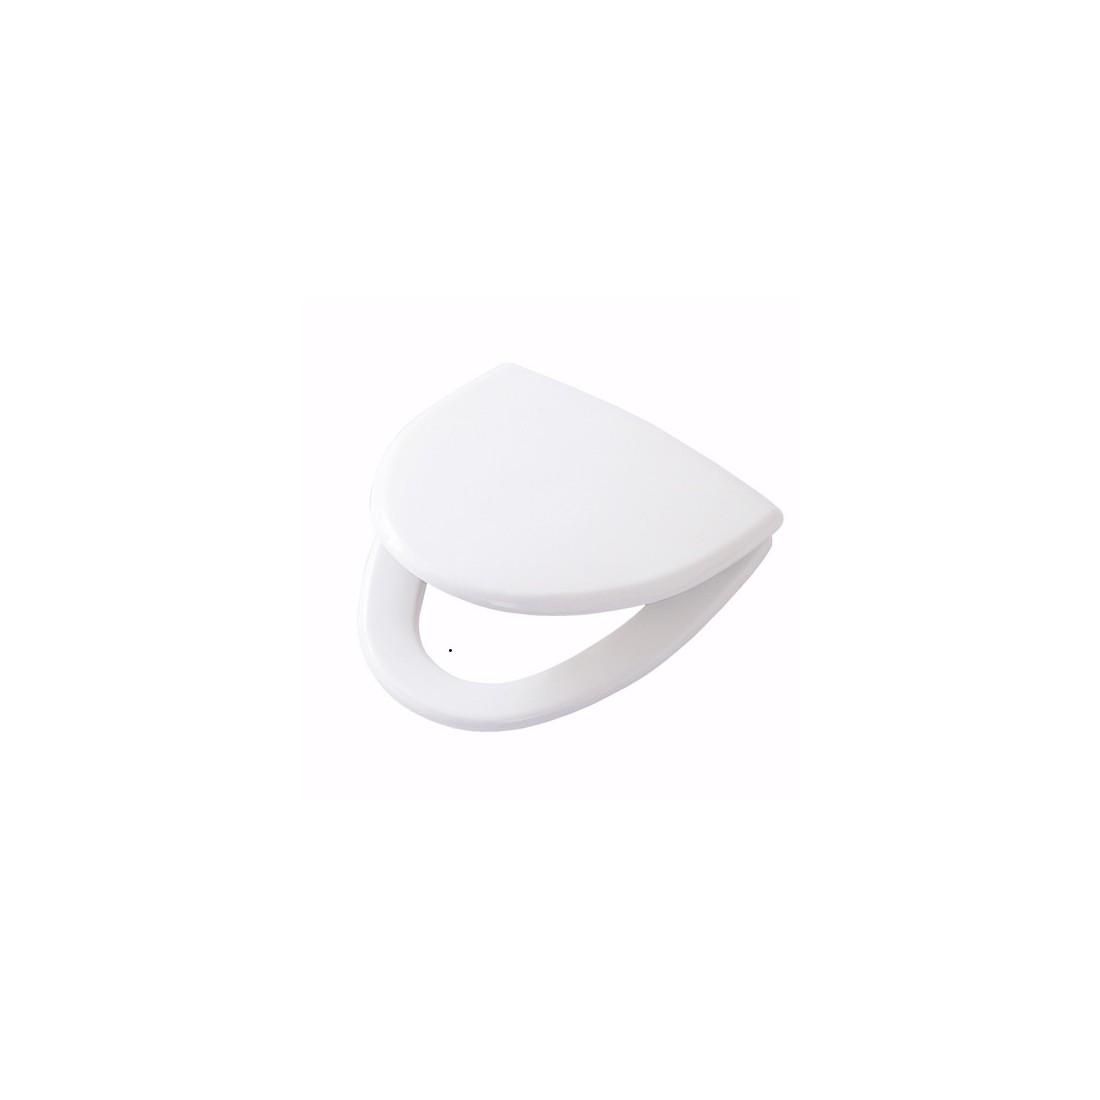 Unitazo dangtis CERA, kietas,  lengvai nuimamas arba fiksuotas, baltas